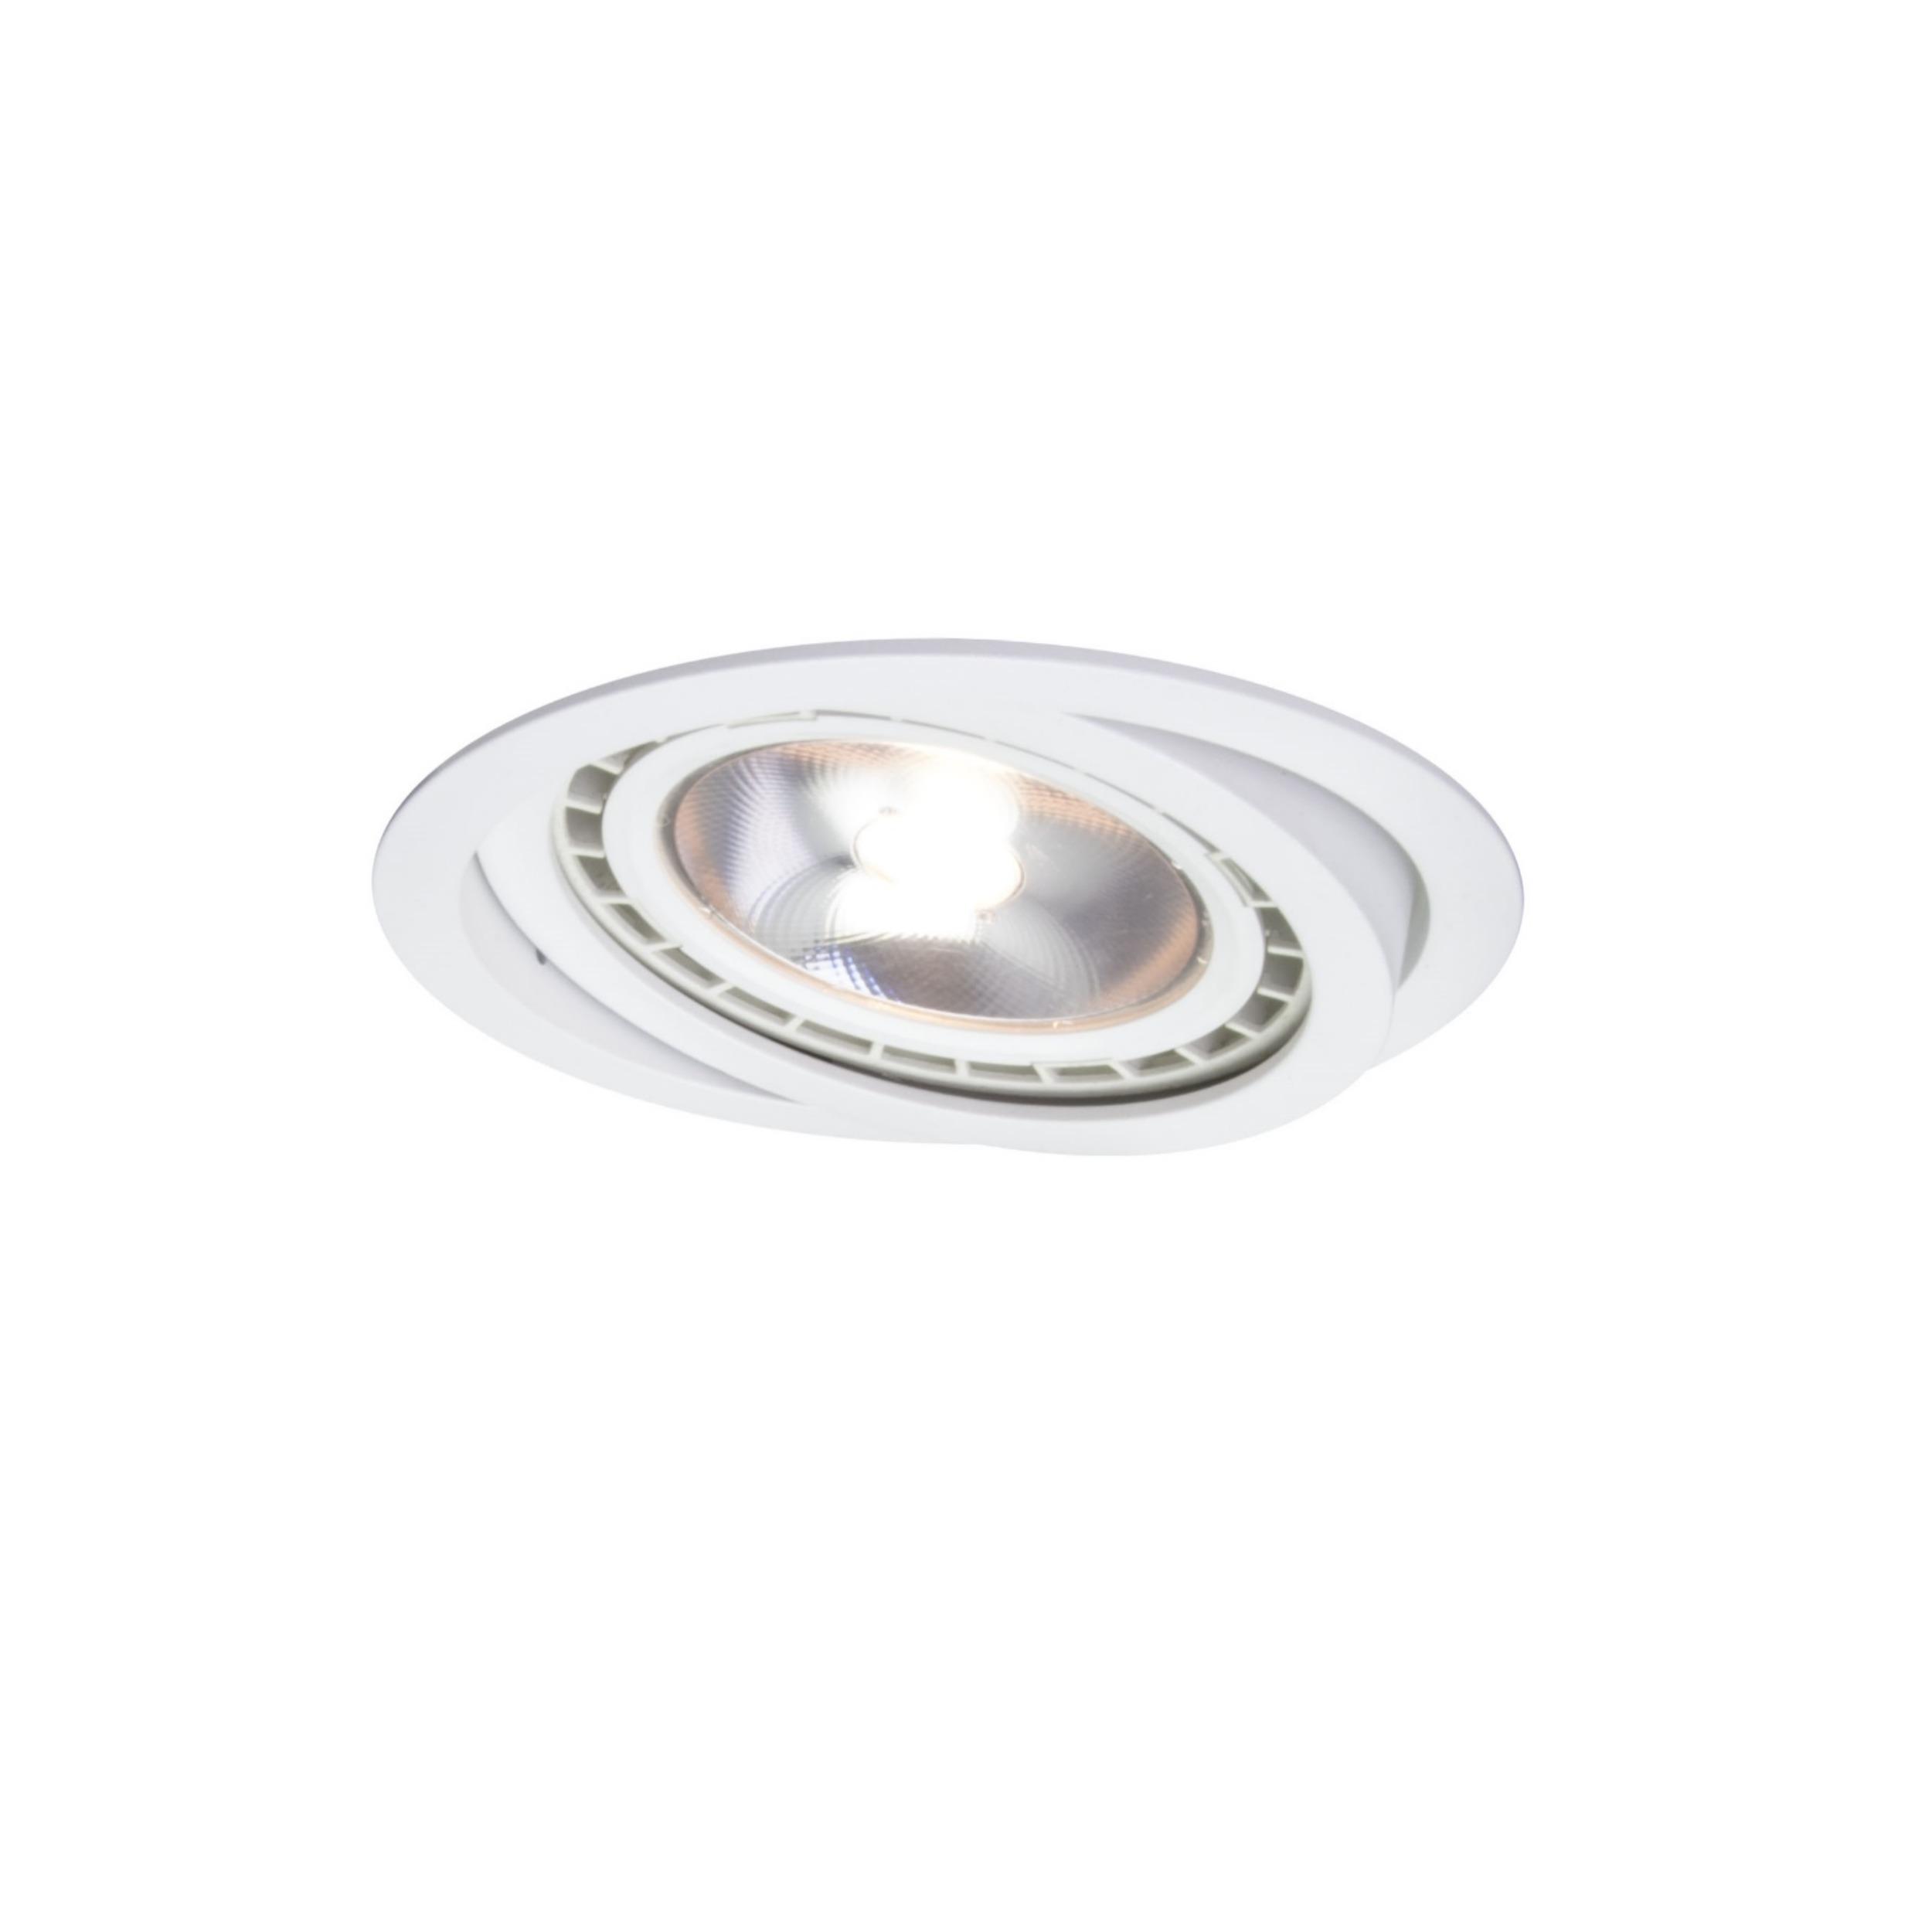 Oczko ruchome Nero białe LP-4424/1RS WH movable - Light Prestige // Rabaty w koszyku i darmowa dostawa od 299zł !